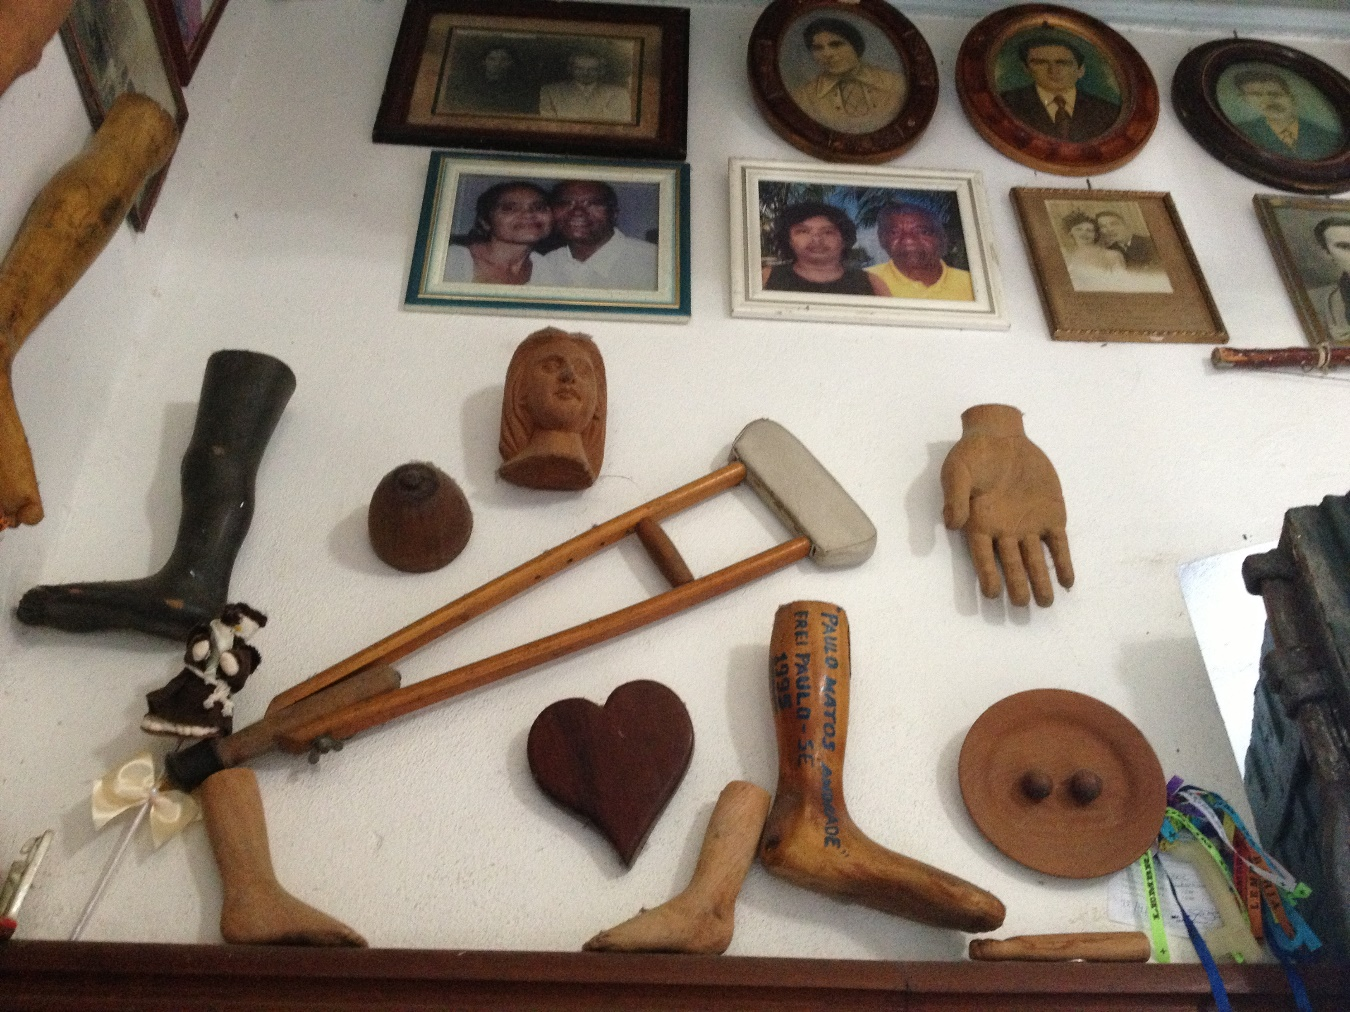 Ex-voto corporels dans une salle du sanctuaire de Notre Seigneur de Bonfim à Salvador de Bahia, Brésil, 5 avril 2013. Photo Renée de la Torre.